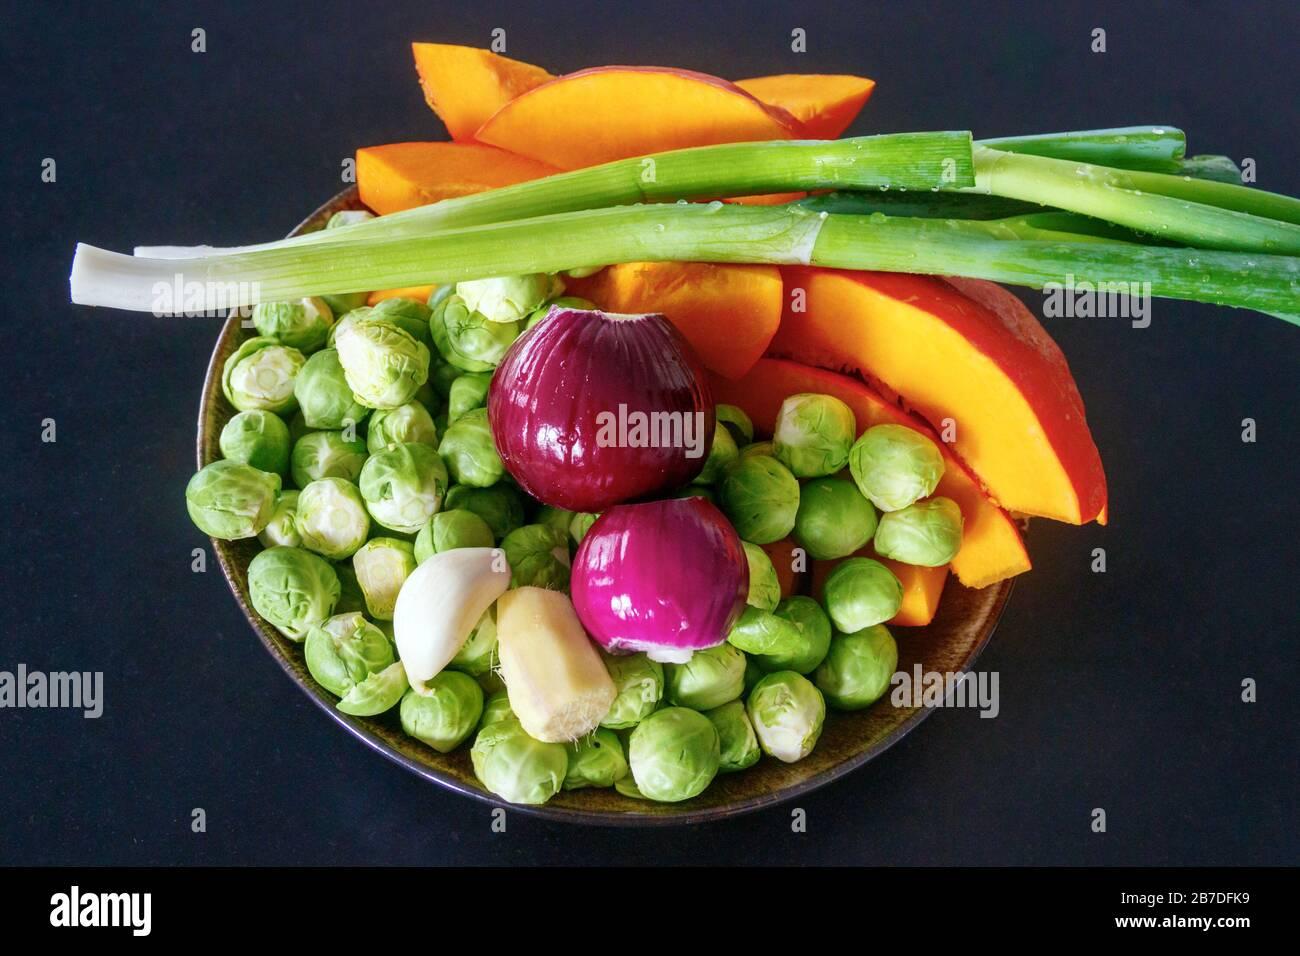 Plato con una colorida variedad de verduras frescas: Coles de Bruselas, cebollas rojas, cebolletas, calabaza, ajo y jengibre. Fondo negro. Foto de stock